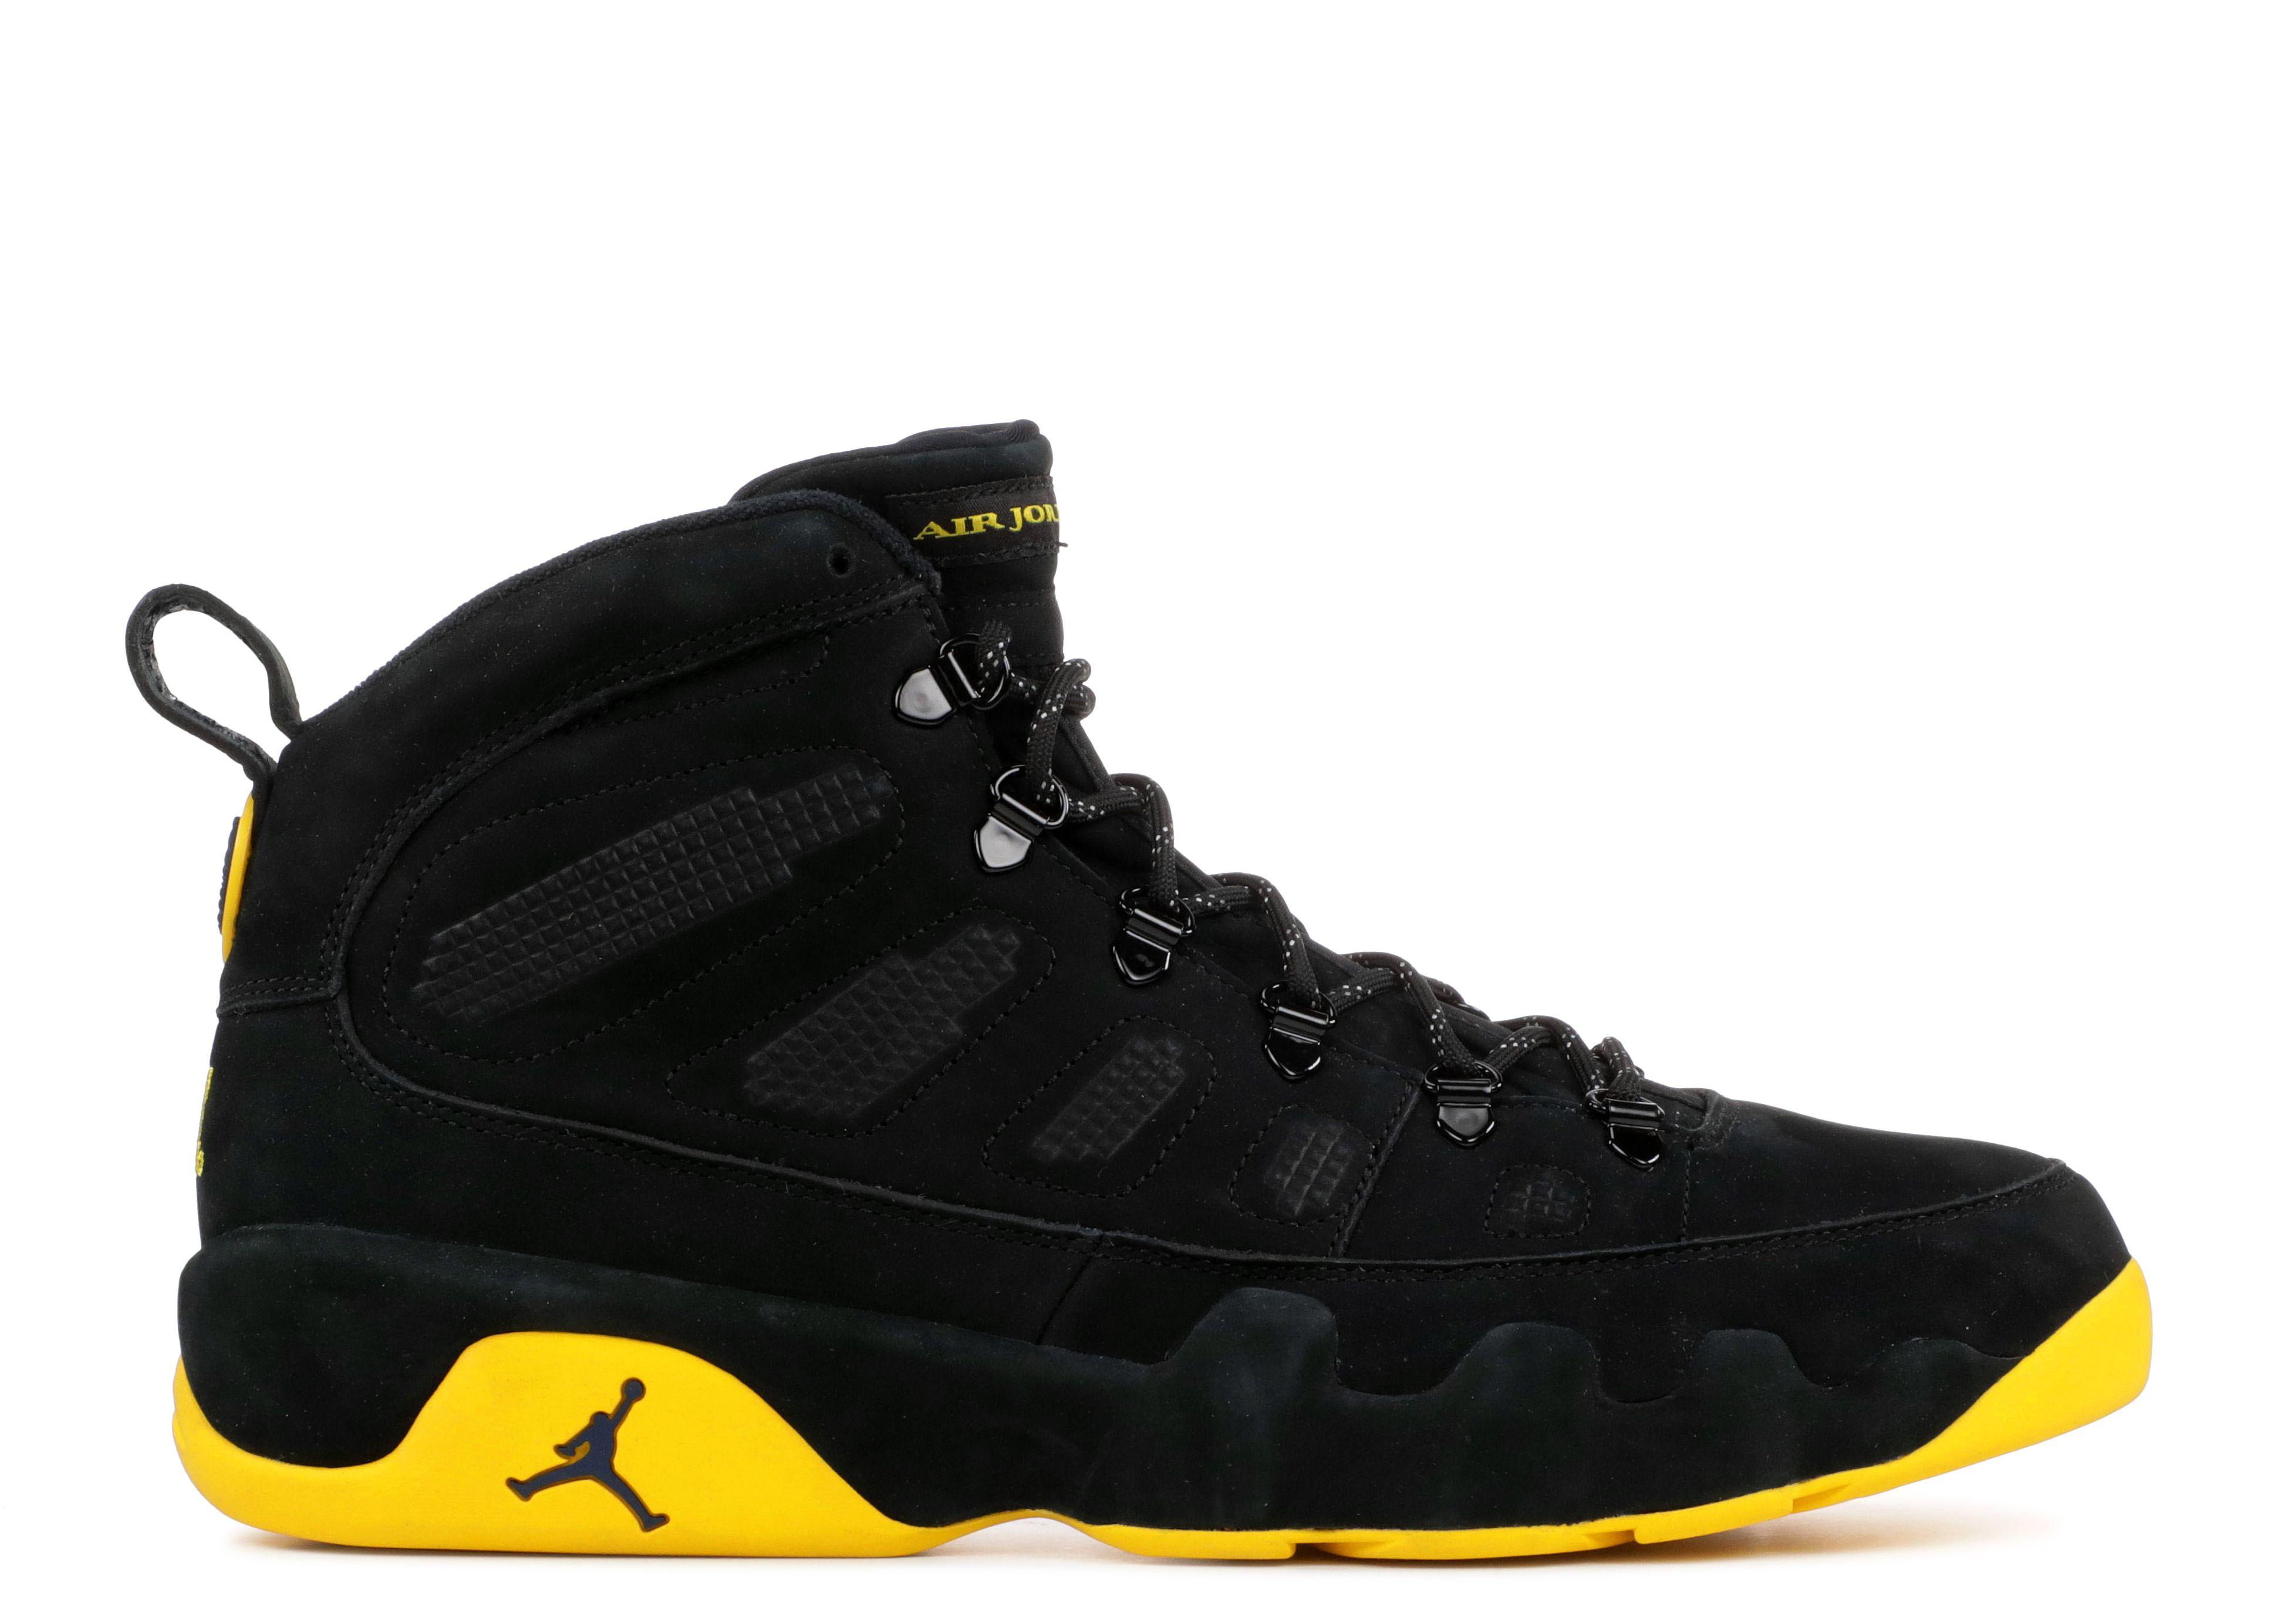 new style 4c1f1 90b93 Air Jordan 9 Retro Boot